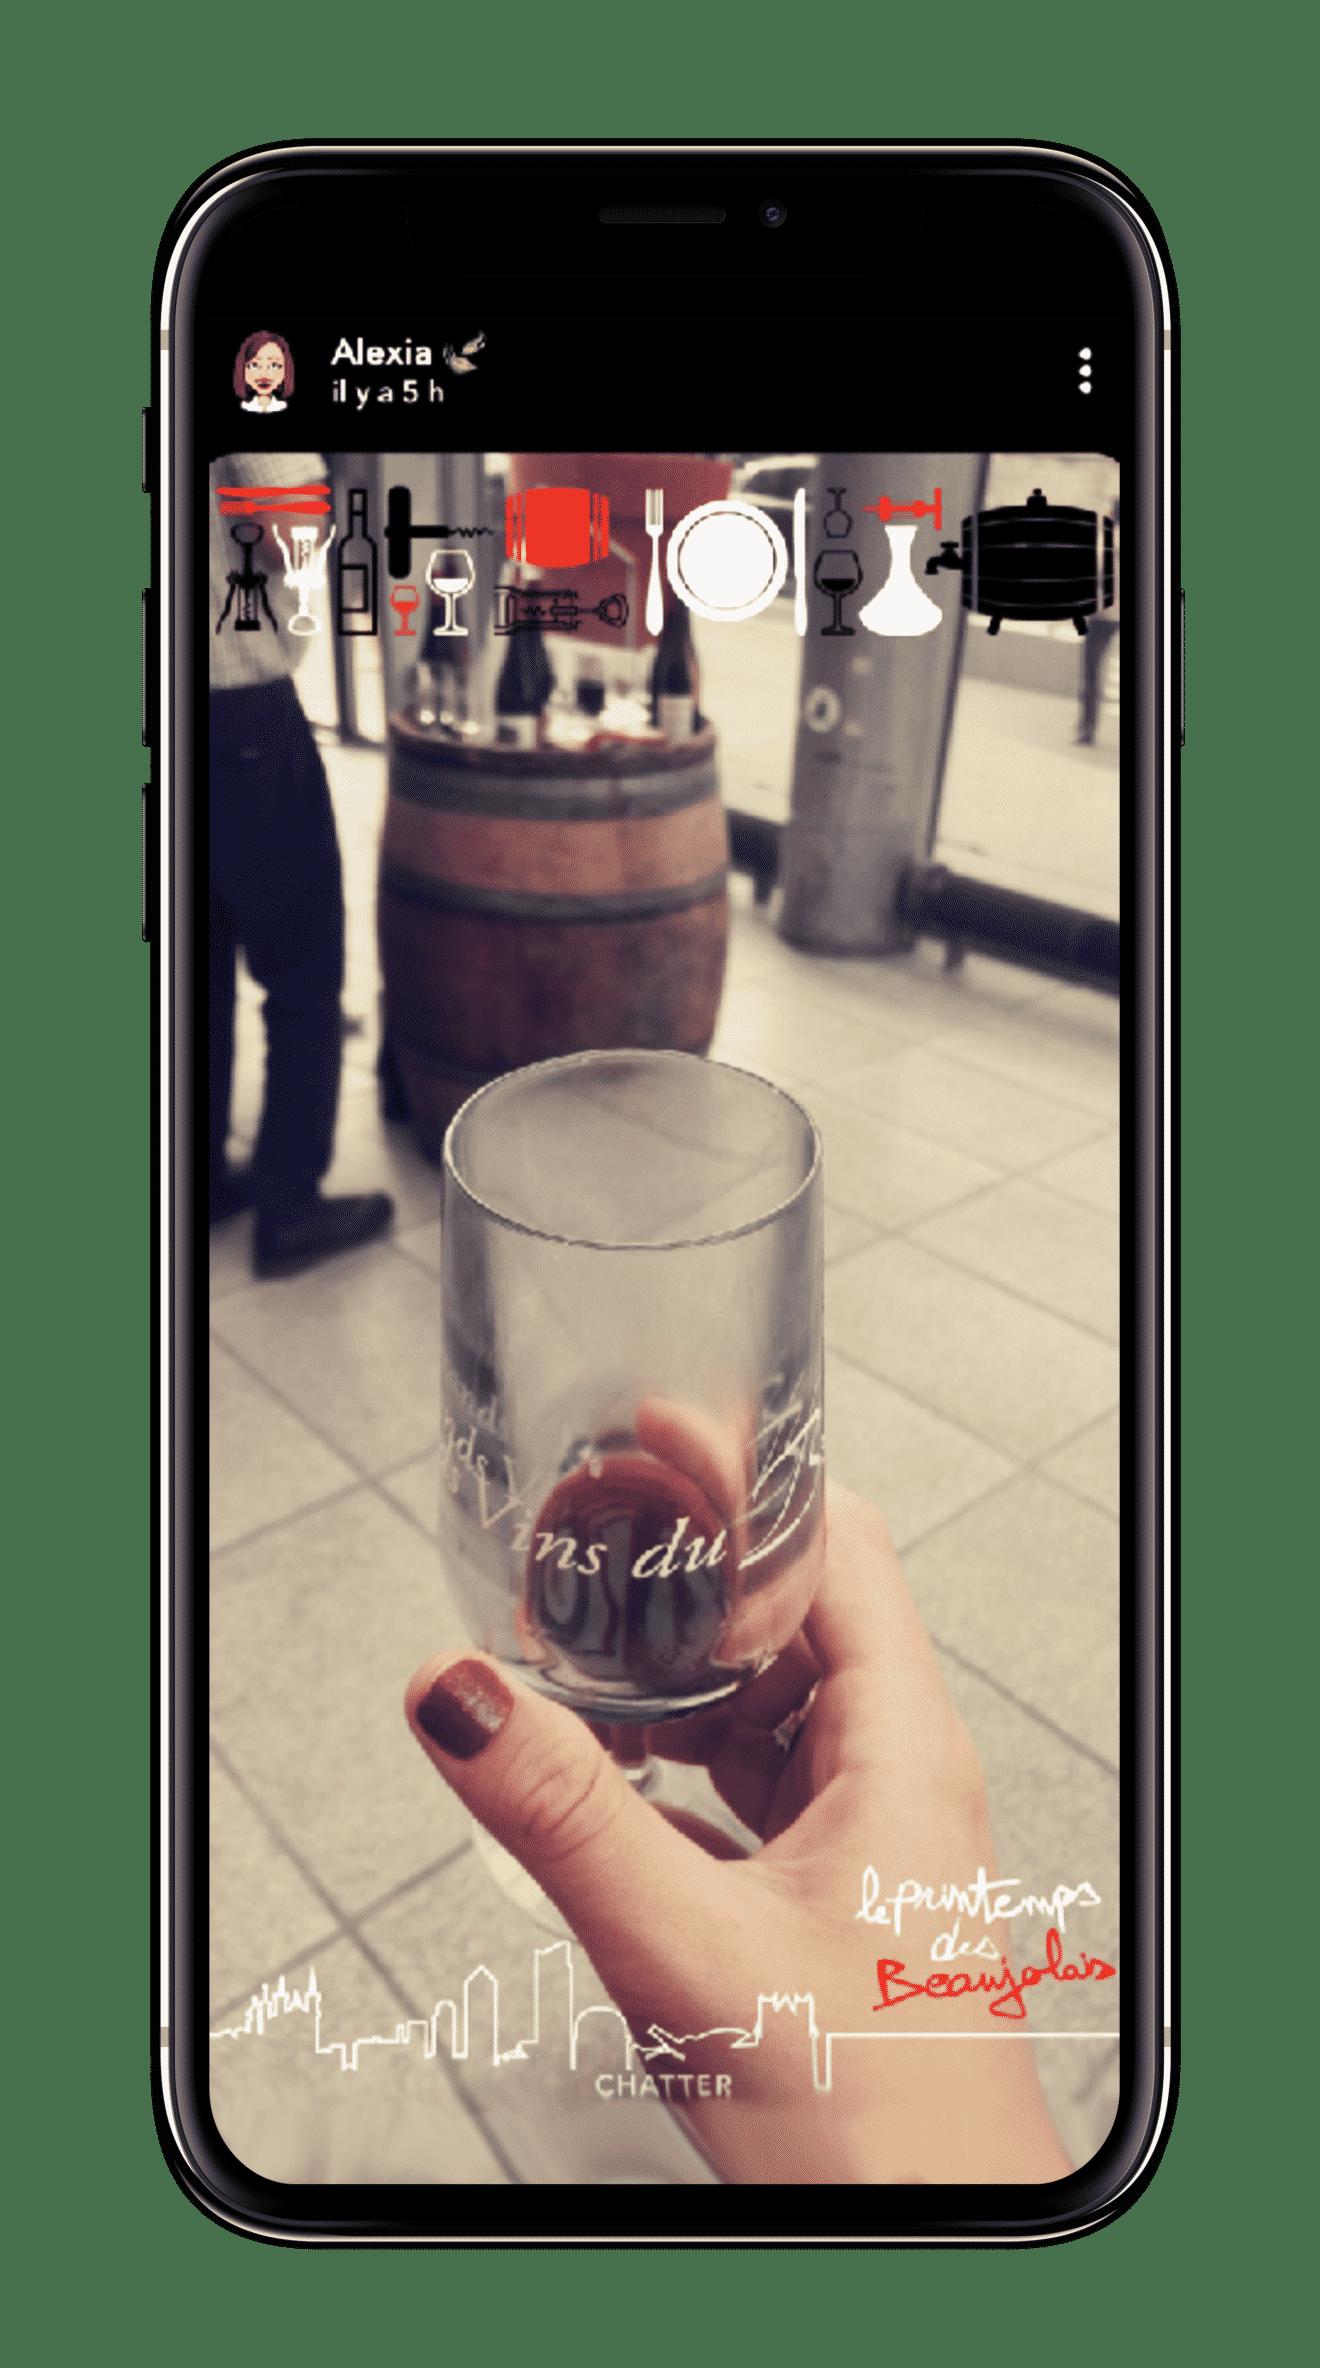 Filtre Snapchat géolocalisé et personnalité pour le Printemps des Beaujolais